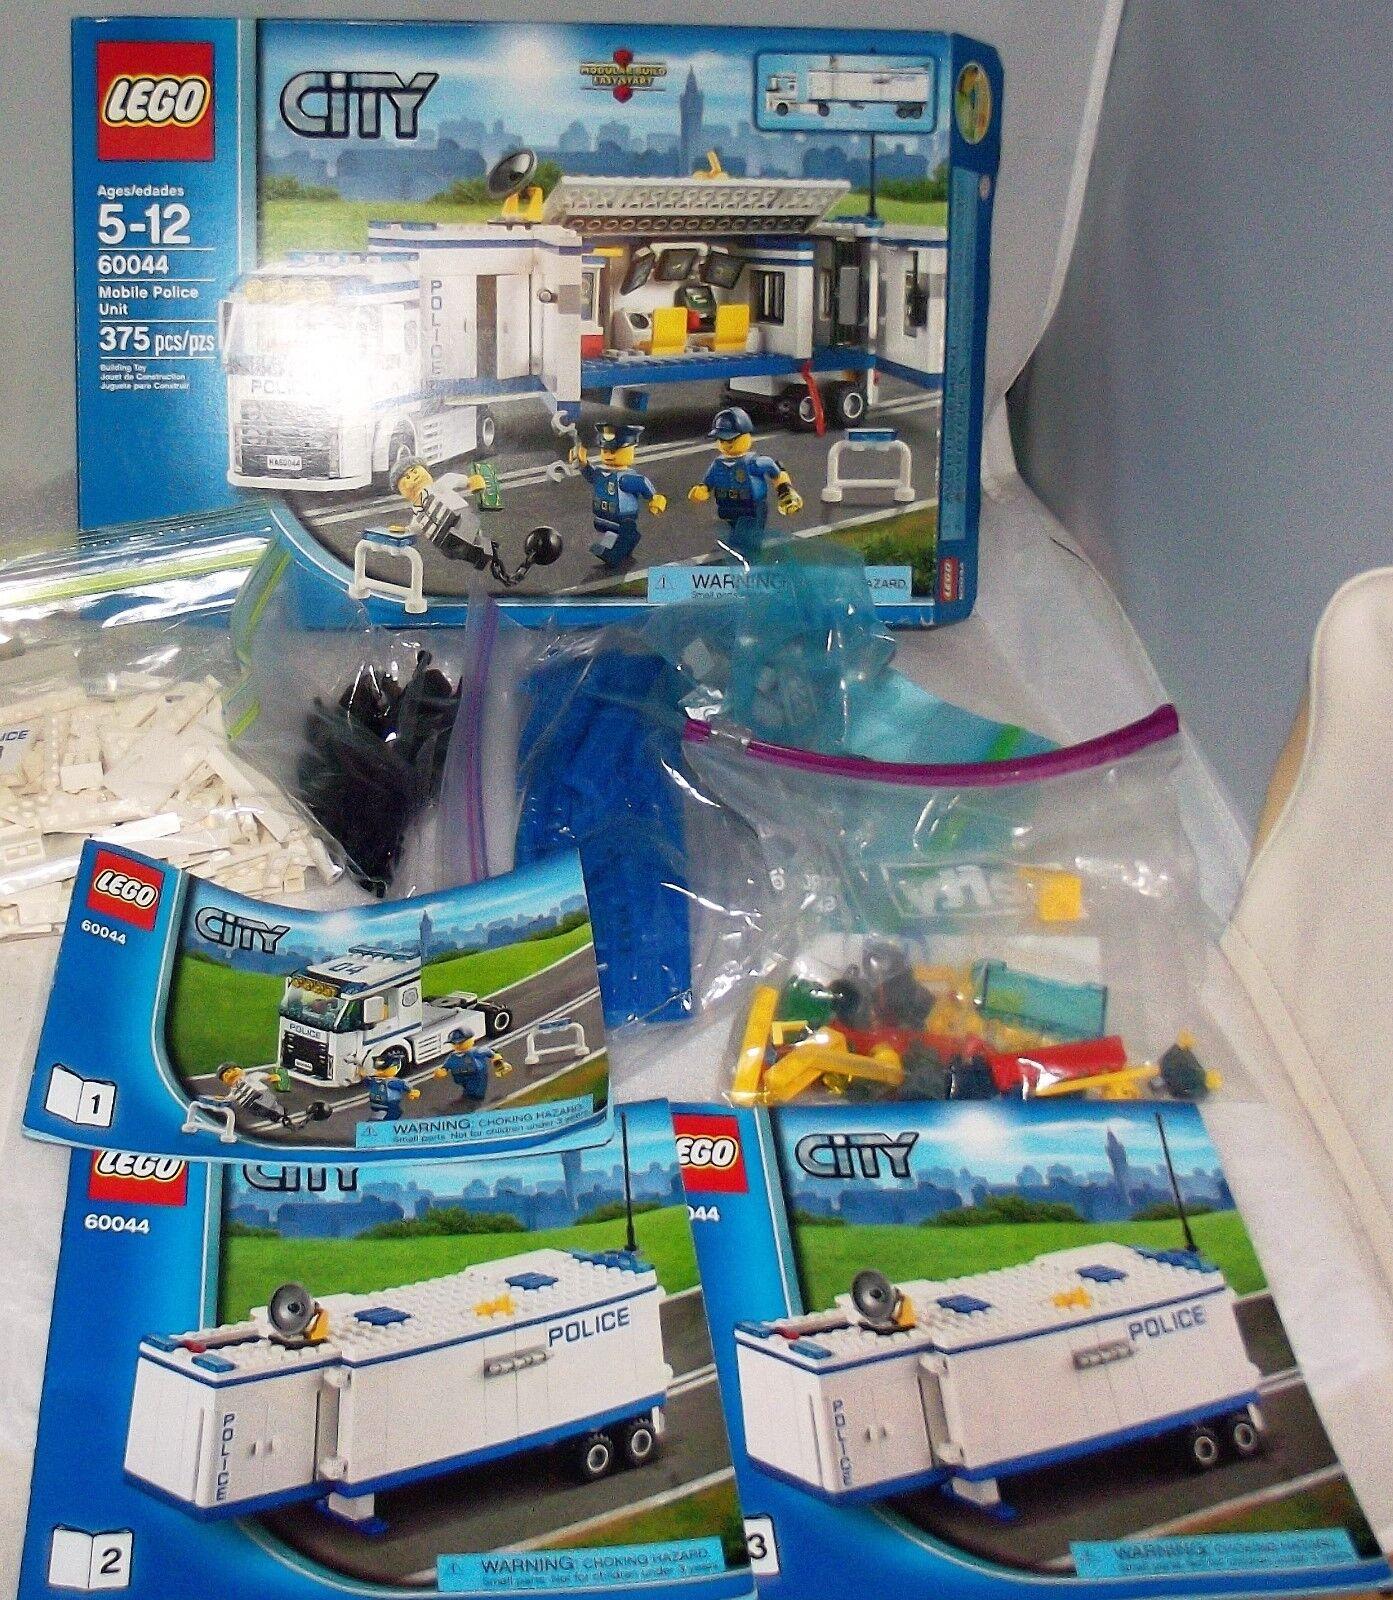 Lego City Mobile police unit  60044 100% complet avec mini figues, hommeuels et boîte En parfait état, dans sa boîte  protection après-vente